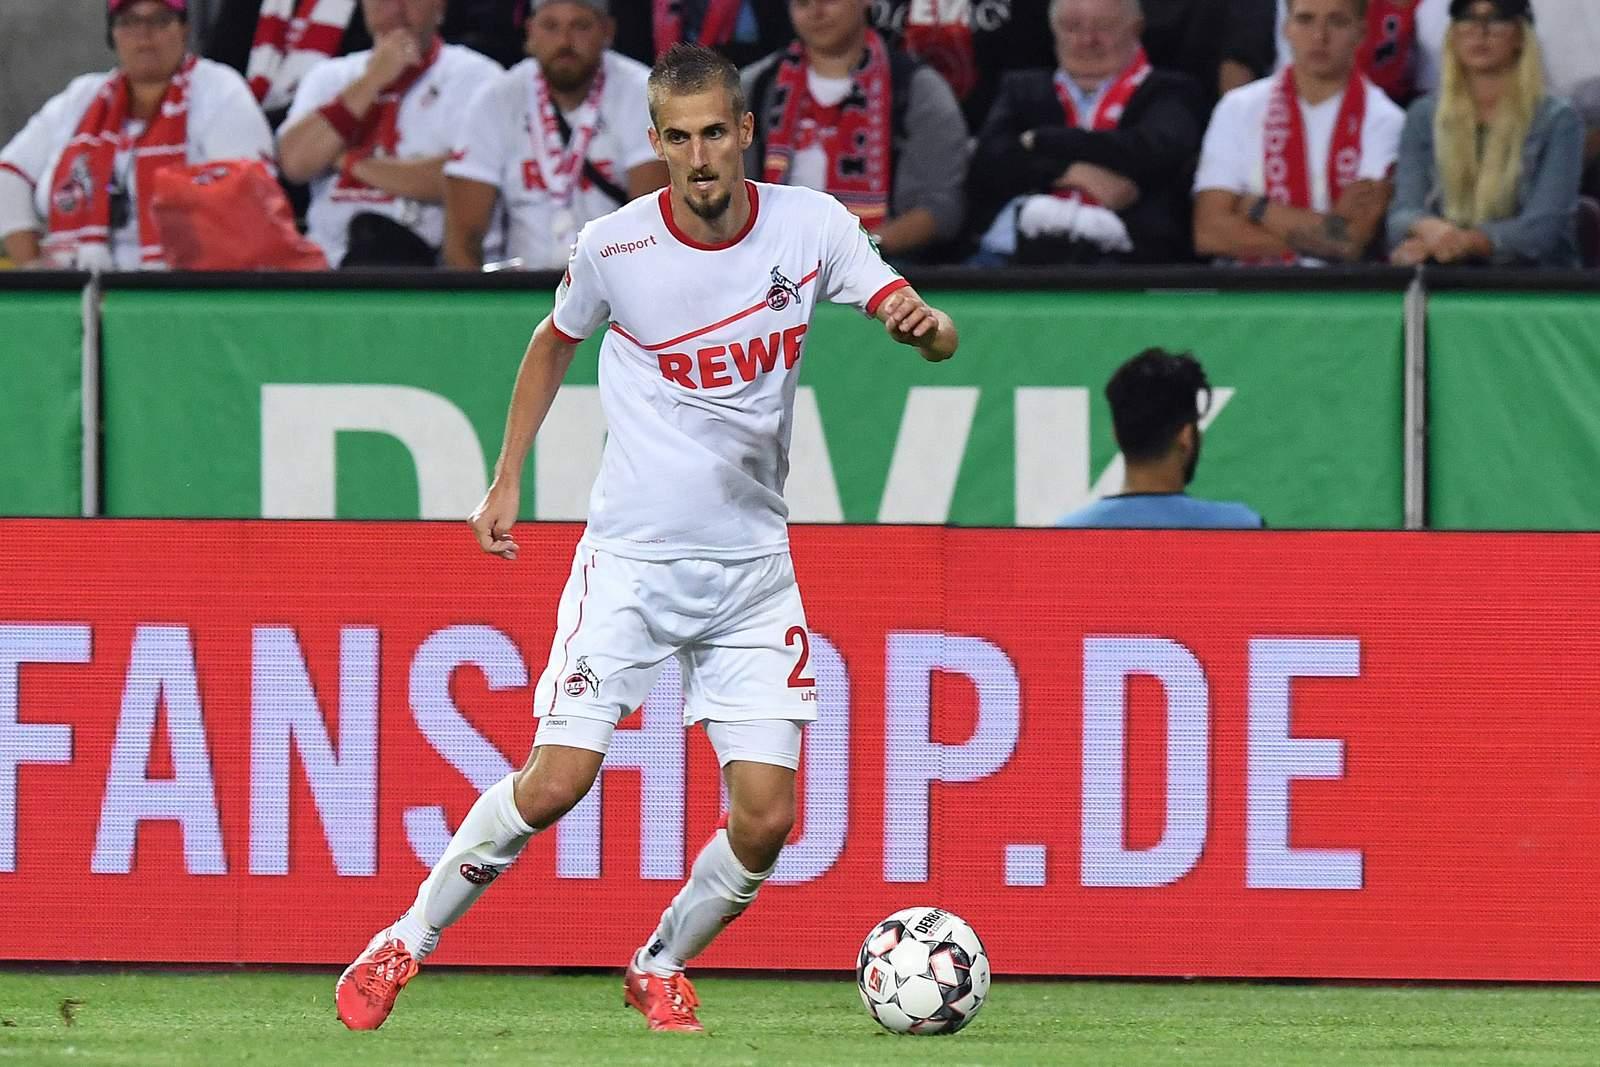 Dominik Drexler verteidigt den Ball. Jetzt auf Köln gegen Paderborn wetten.